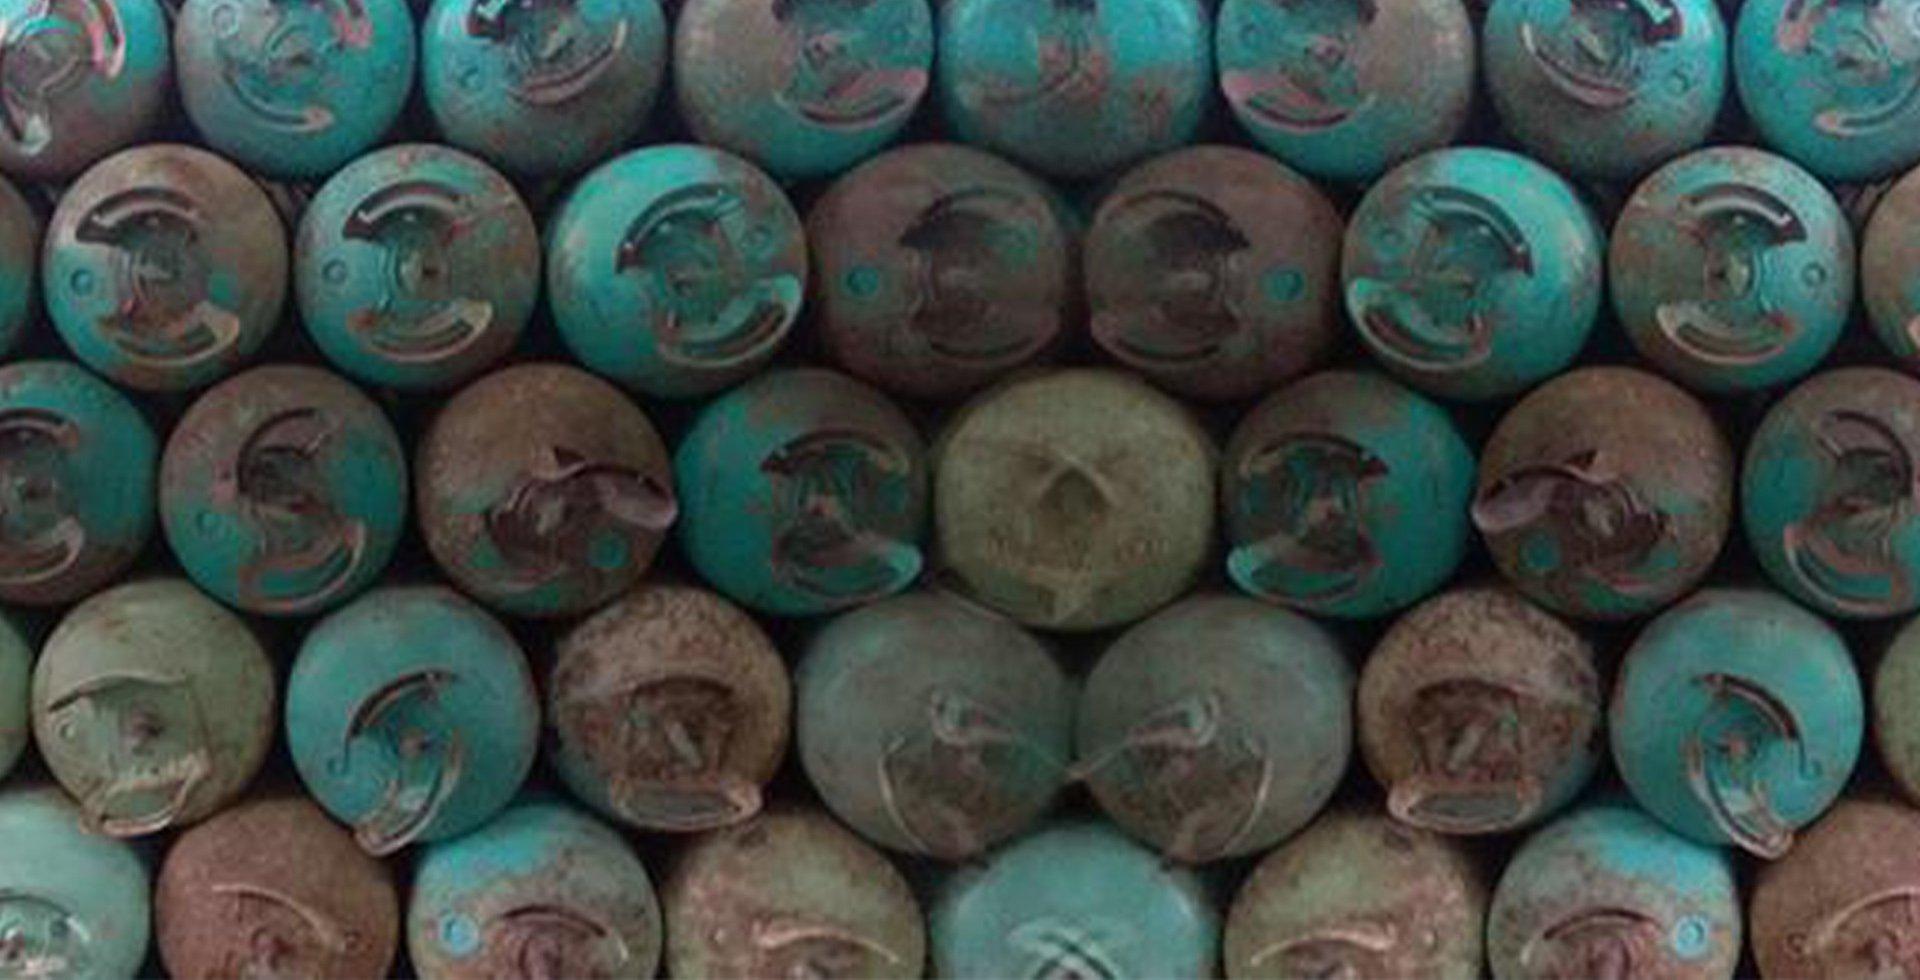 descarte de botija de gas refrigerante